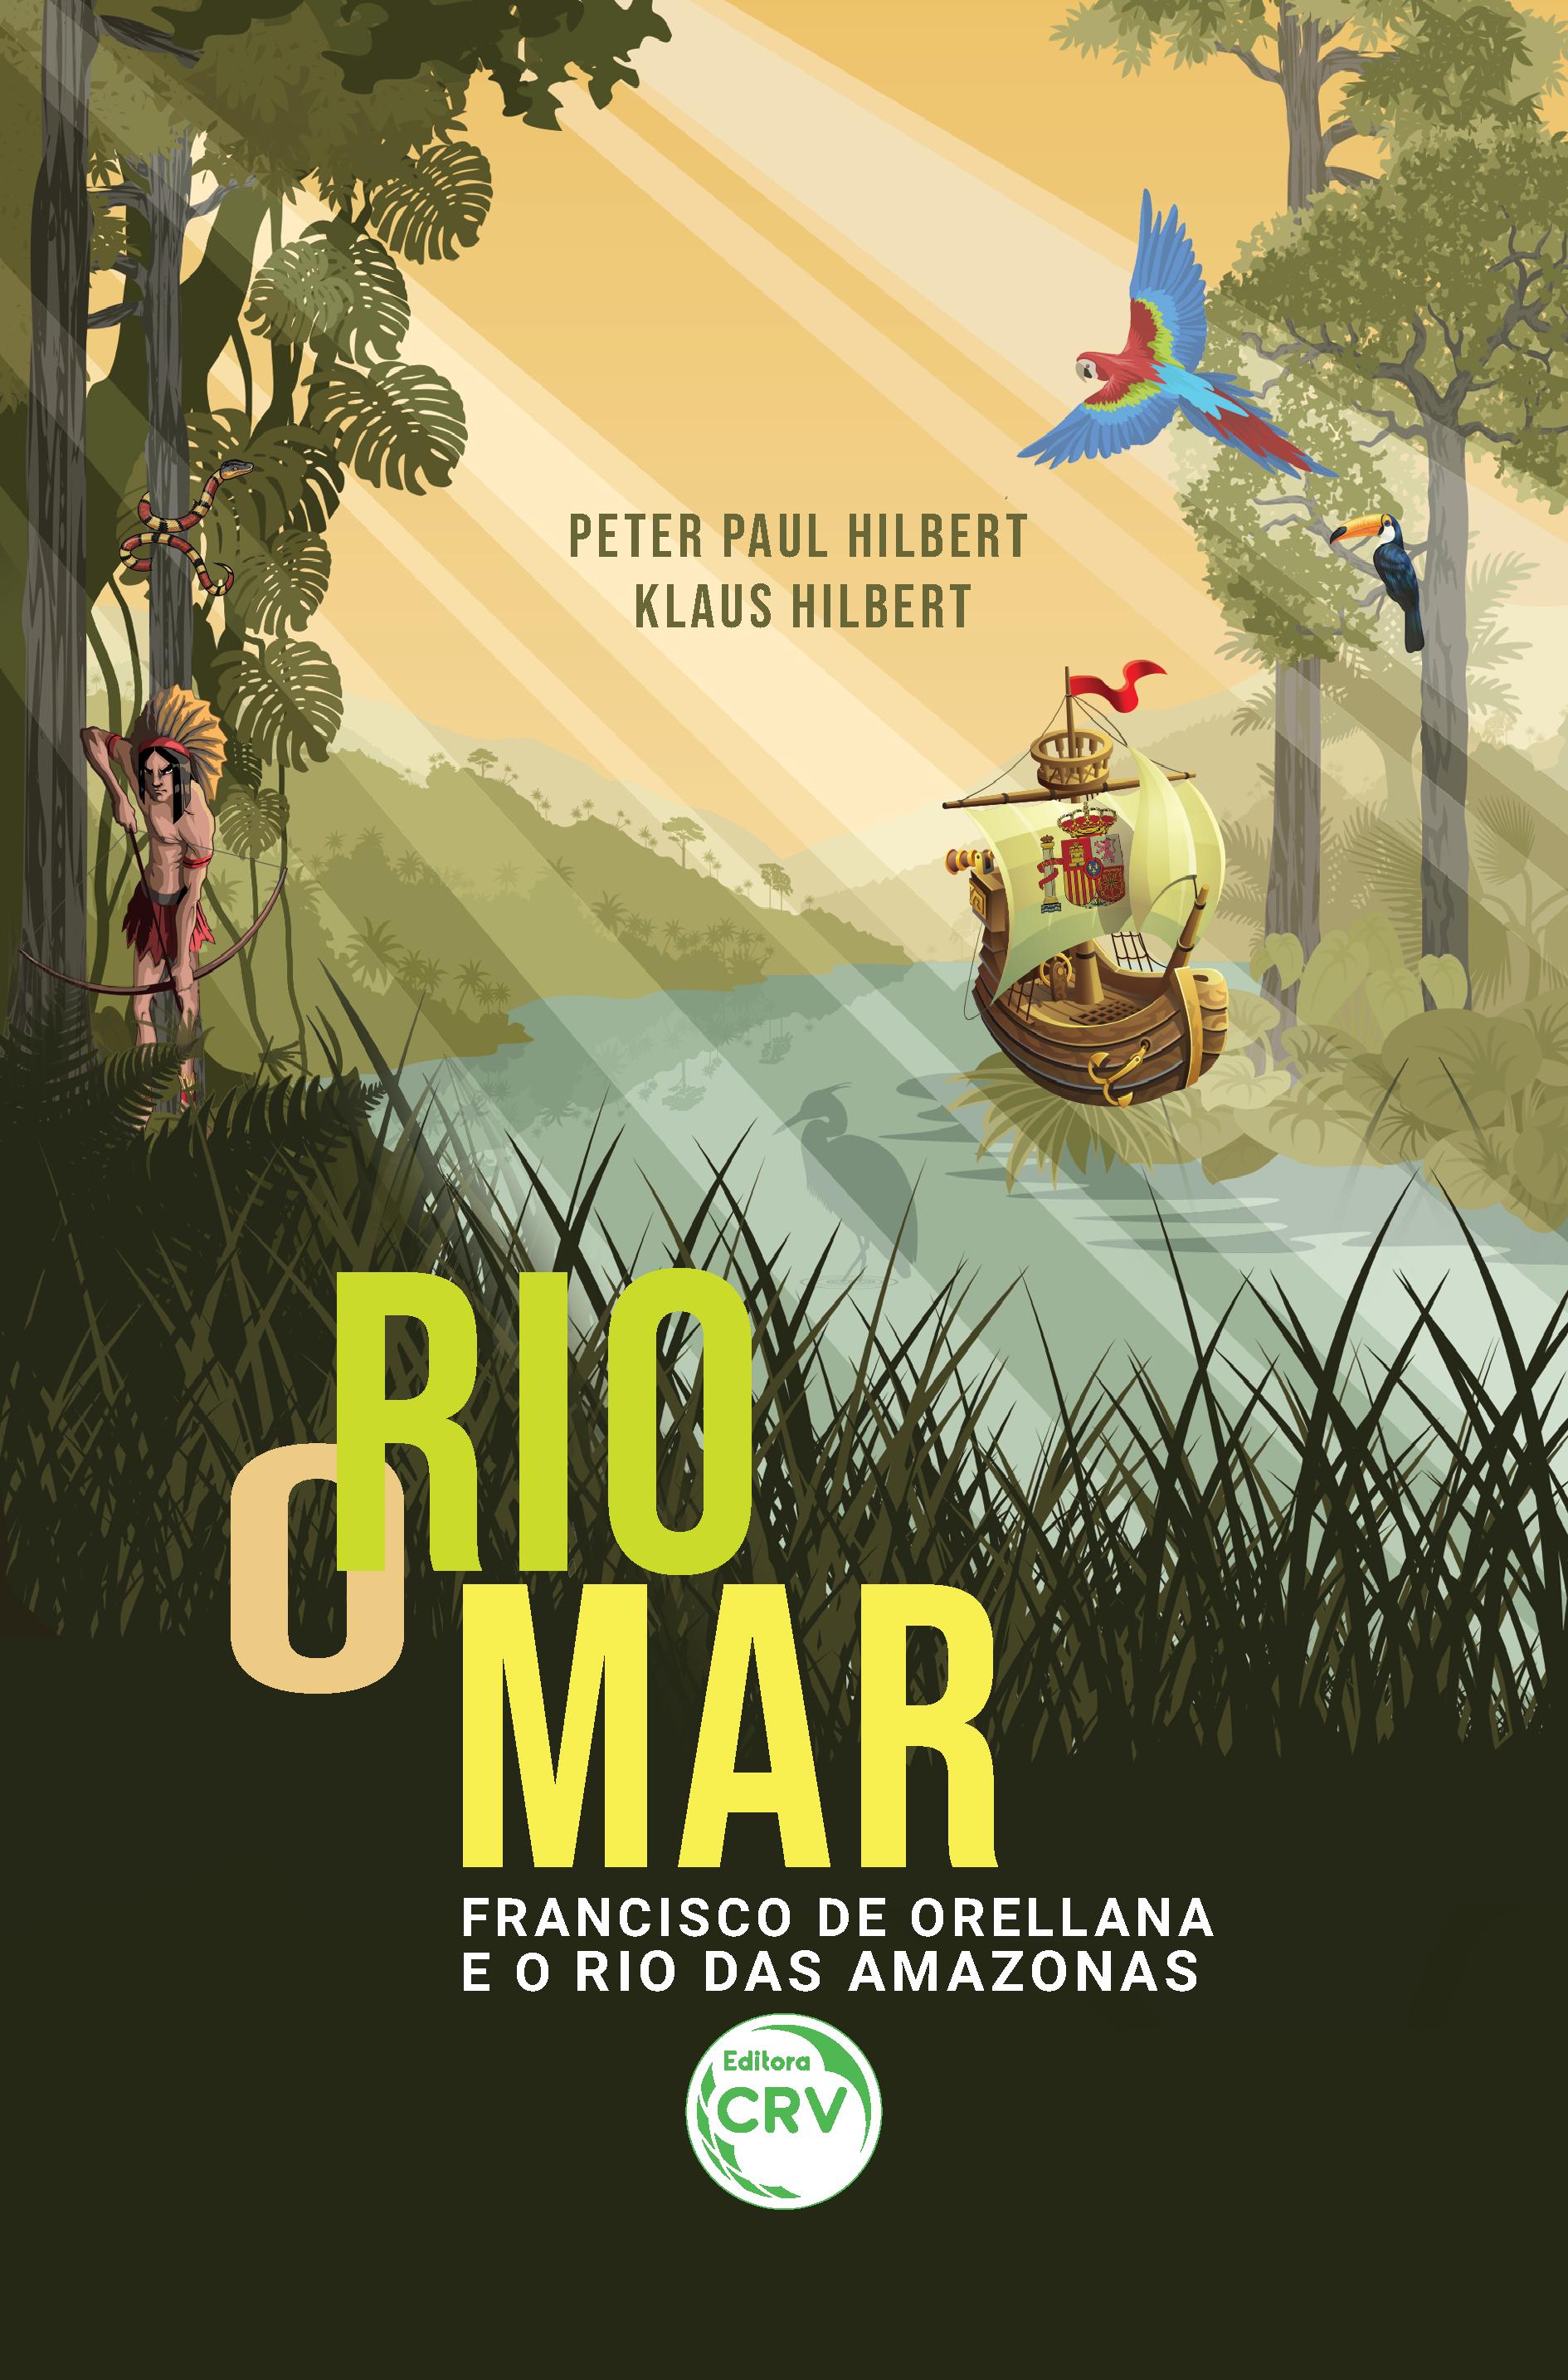 Capa do livro: O RIO MAR: <br>Francisco de Orellana e o Rio das Amazonas